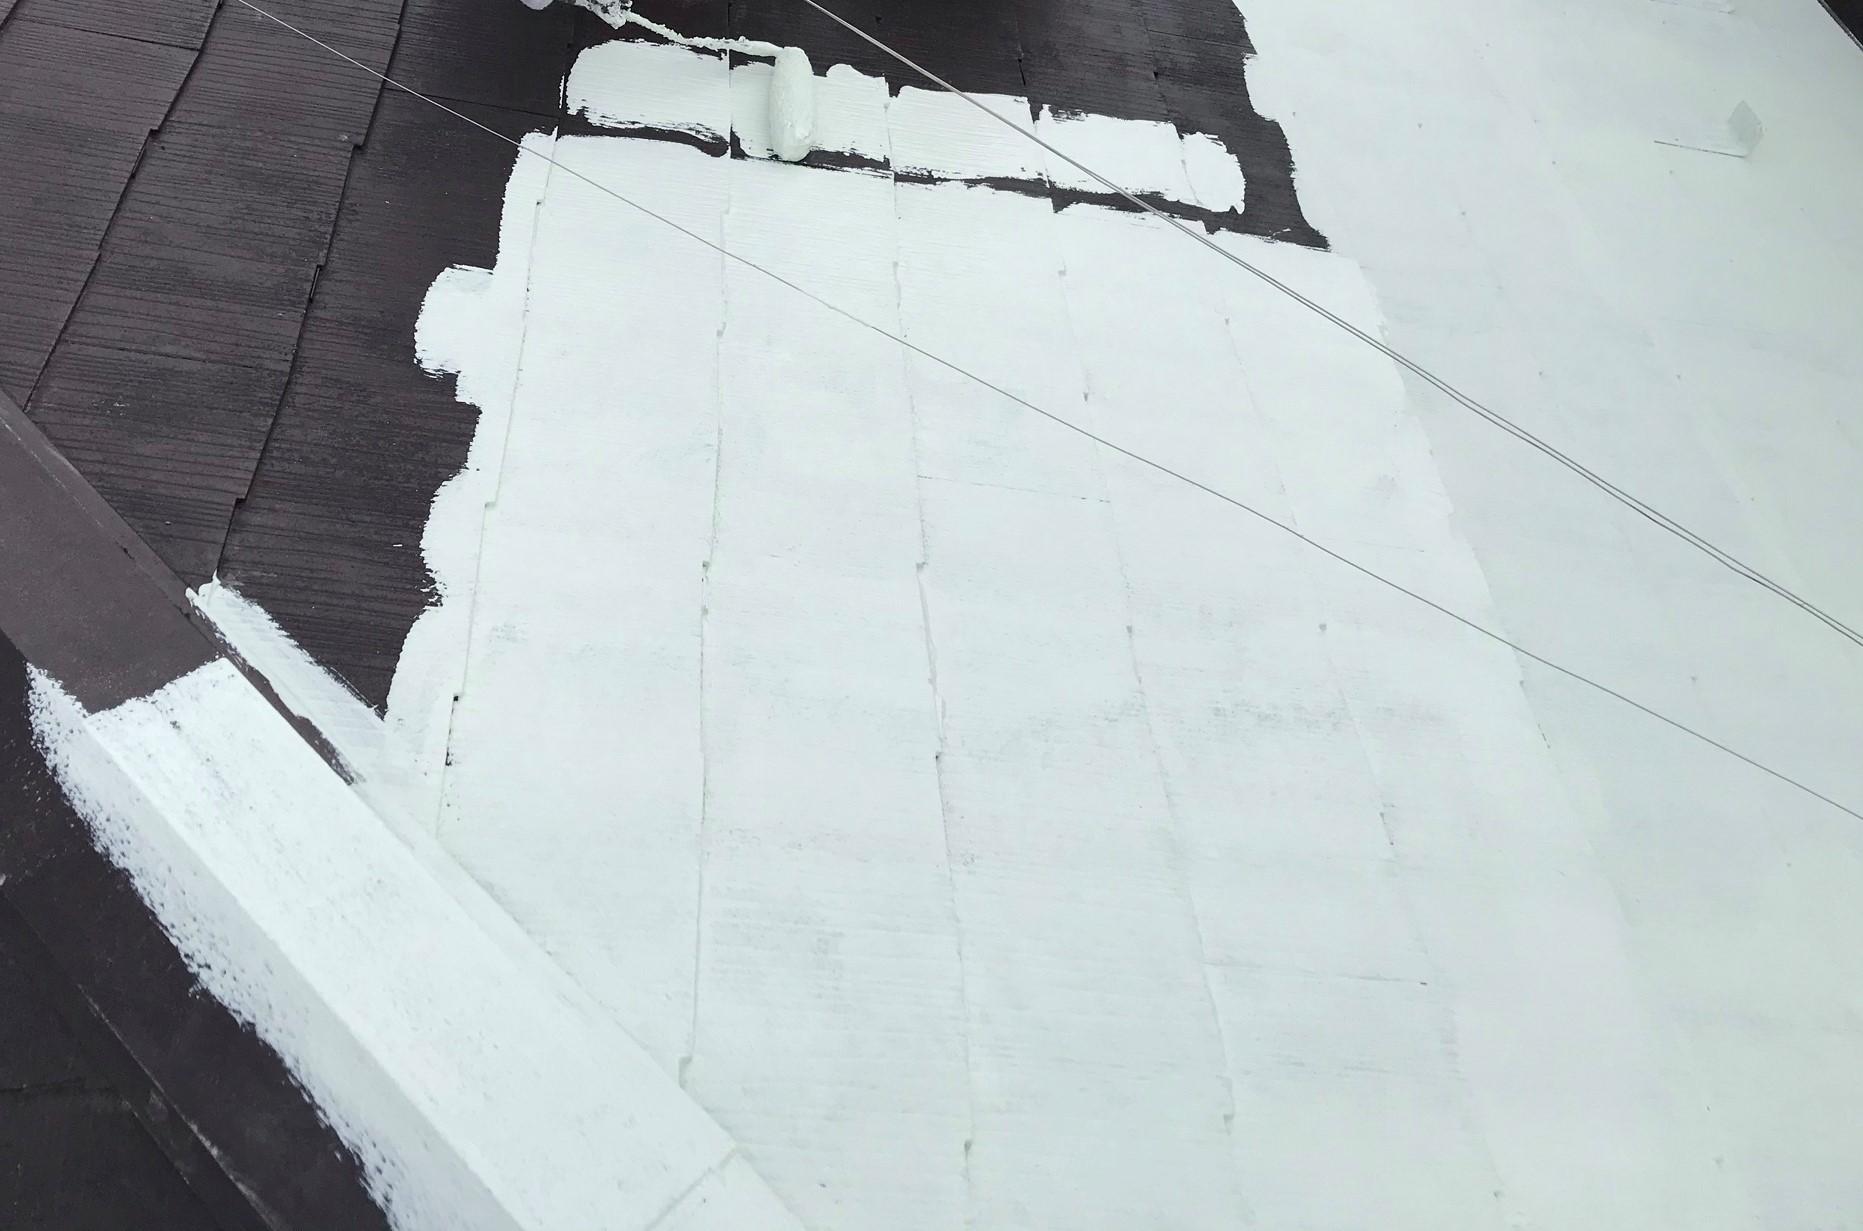 上尾市遮断熱塗料キルコ主材を使って屋根の中塗り1回目塗装